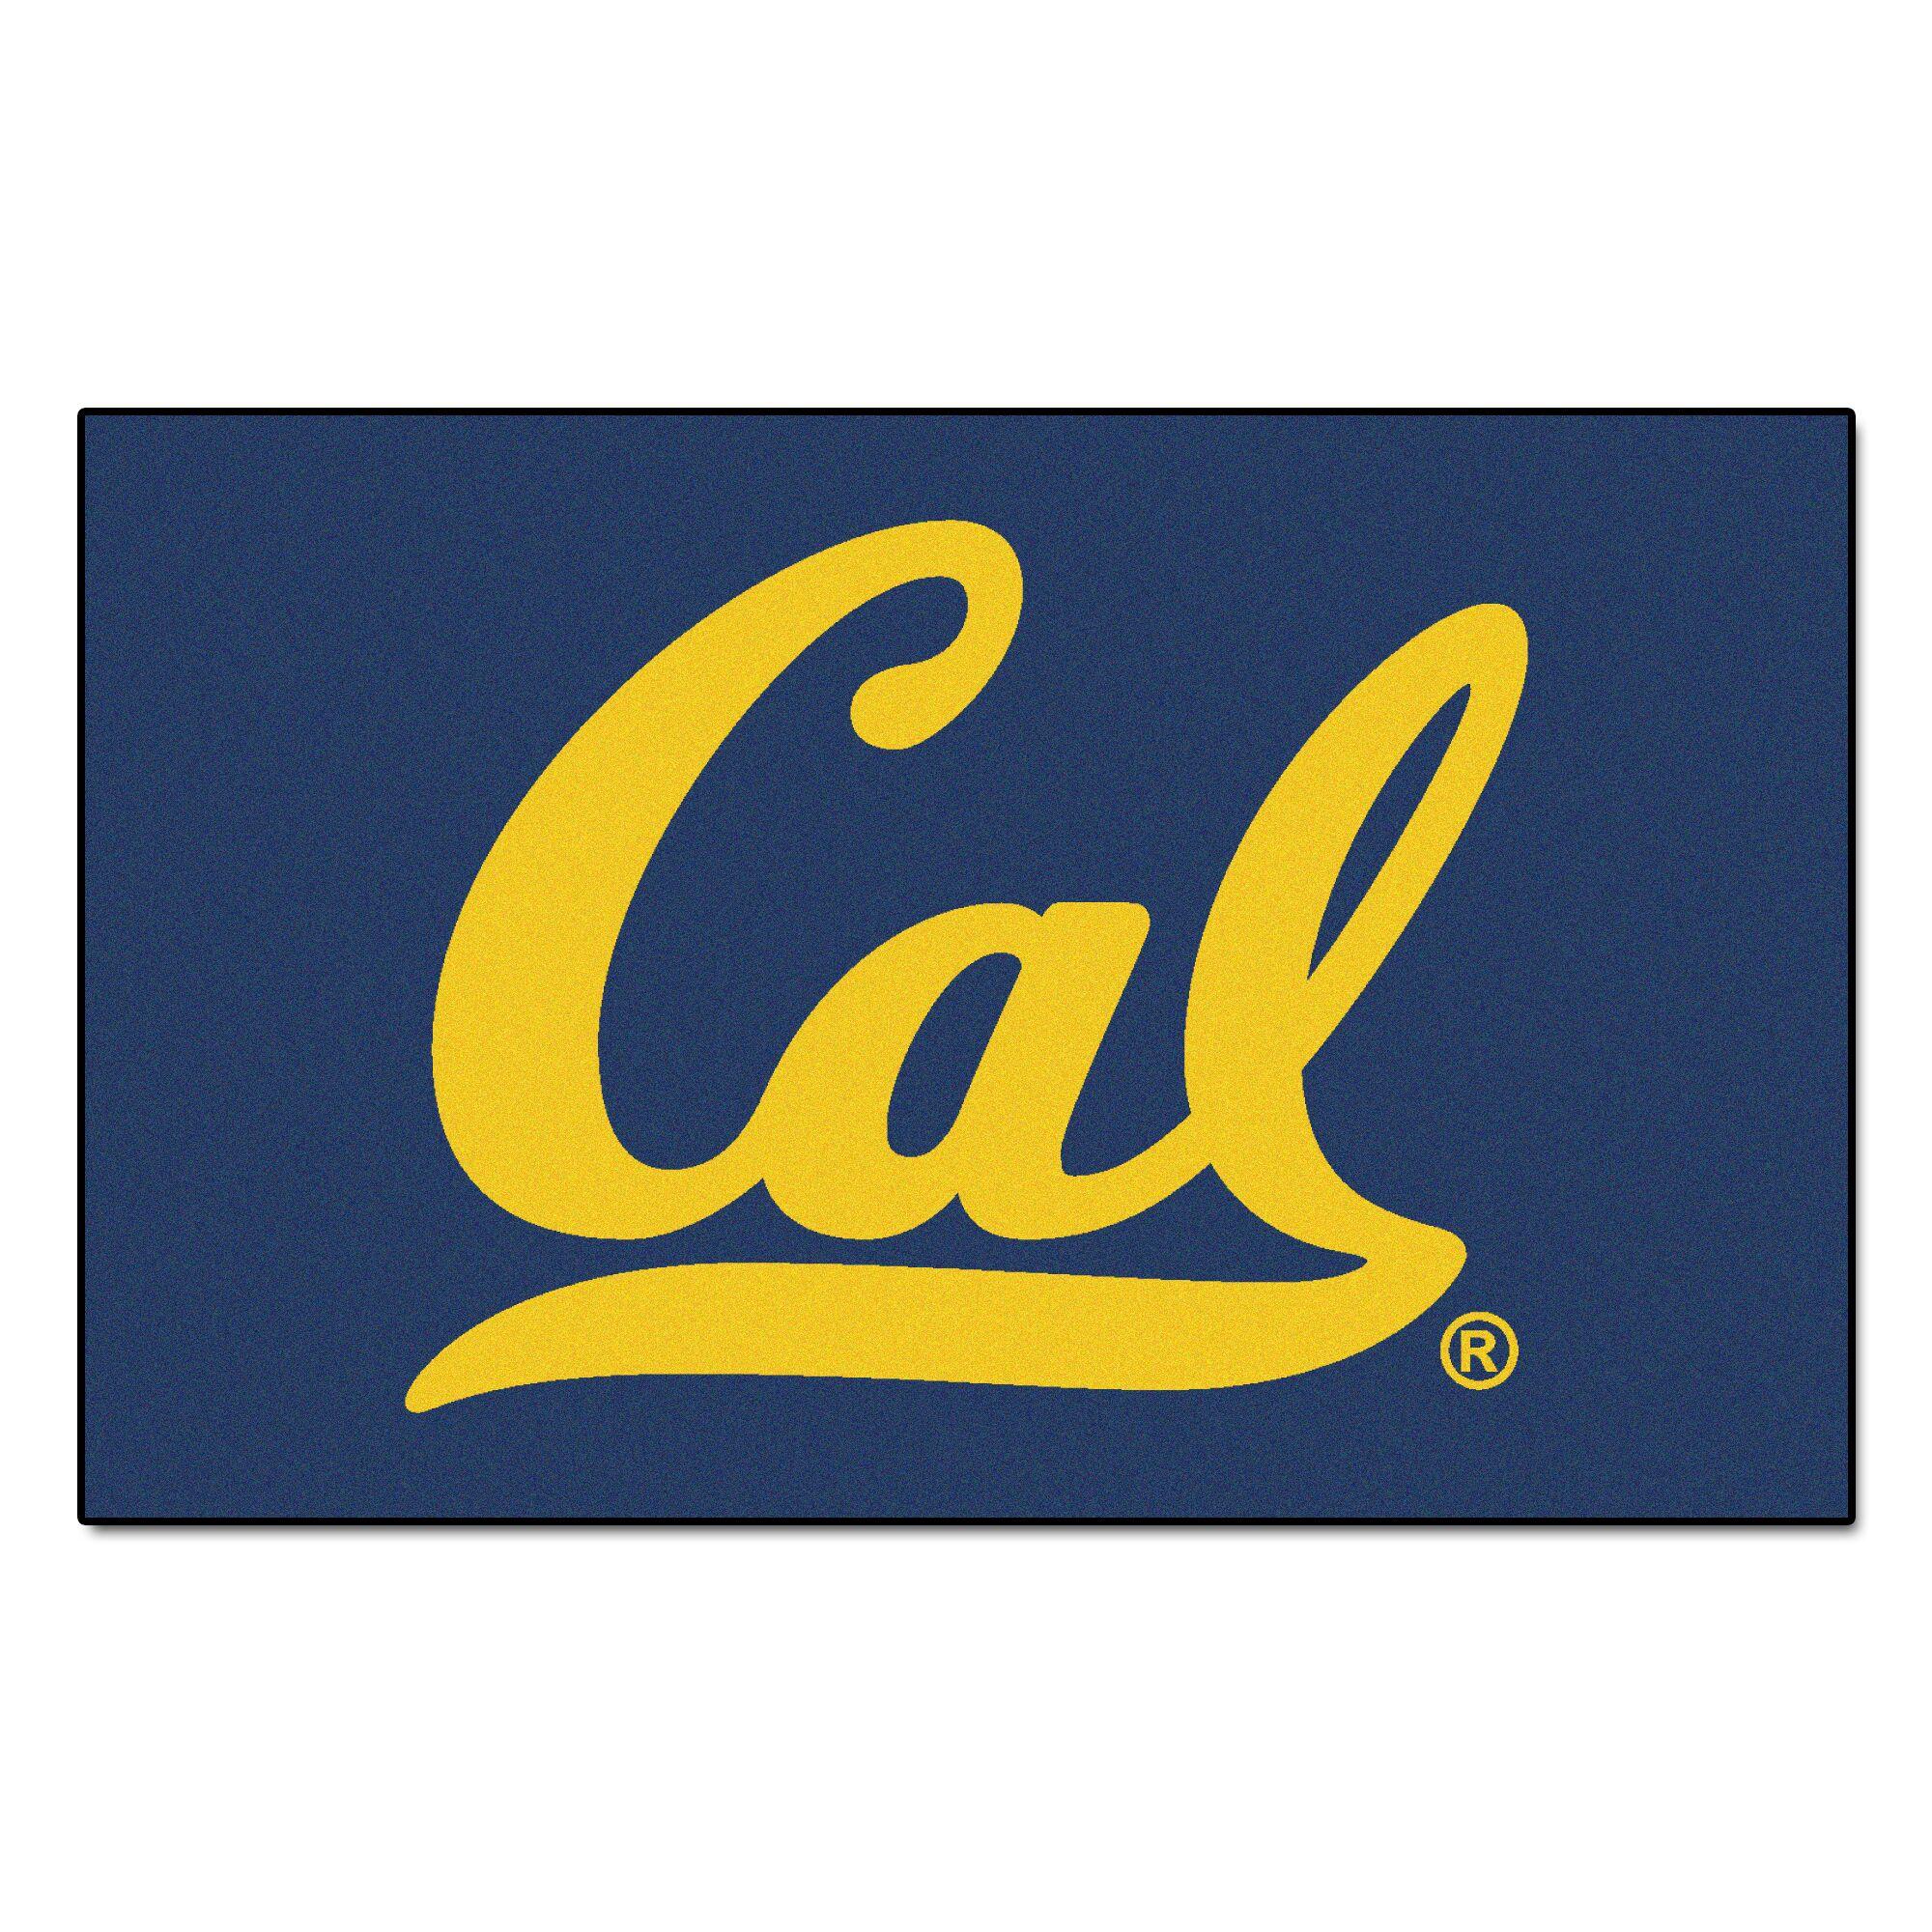 NCAA University of California - Berkeley Ulti-Mat